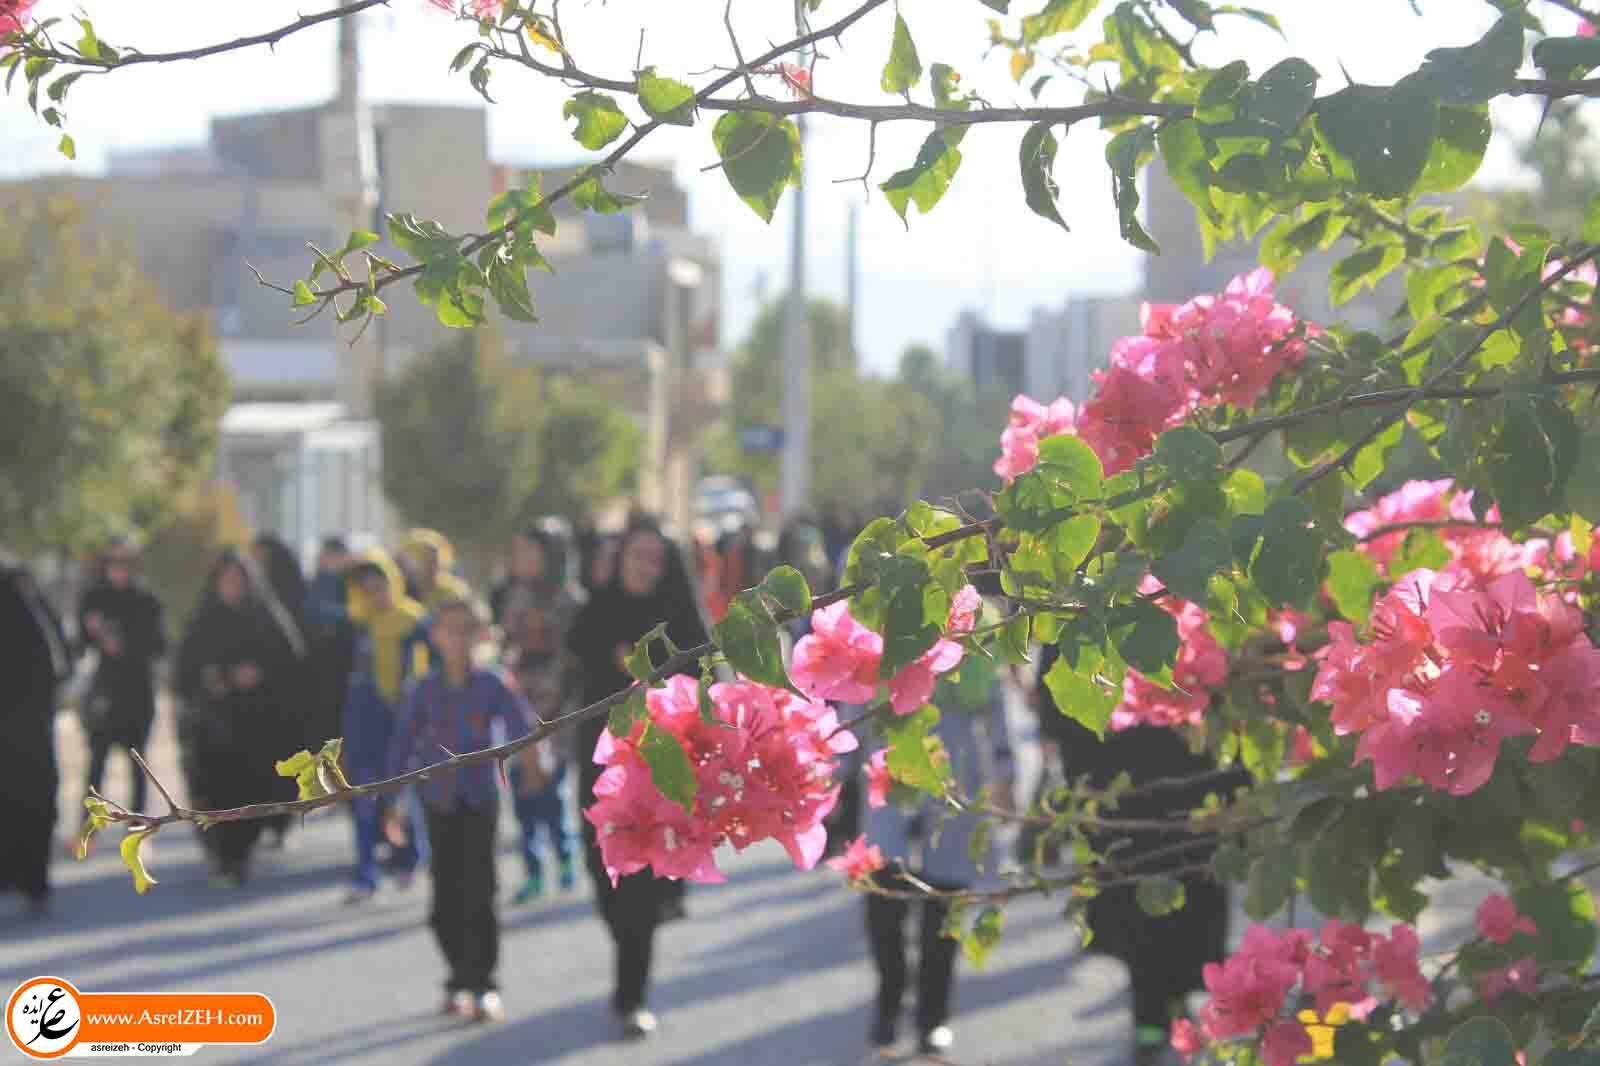 همایش پیاده روی خانوادگی بهمناسبت هفته دفاع مقدس در ایذه برگزار شد + تصاویر